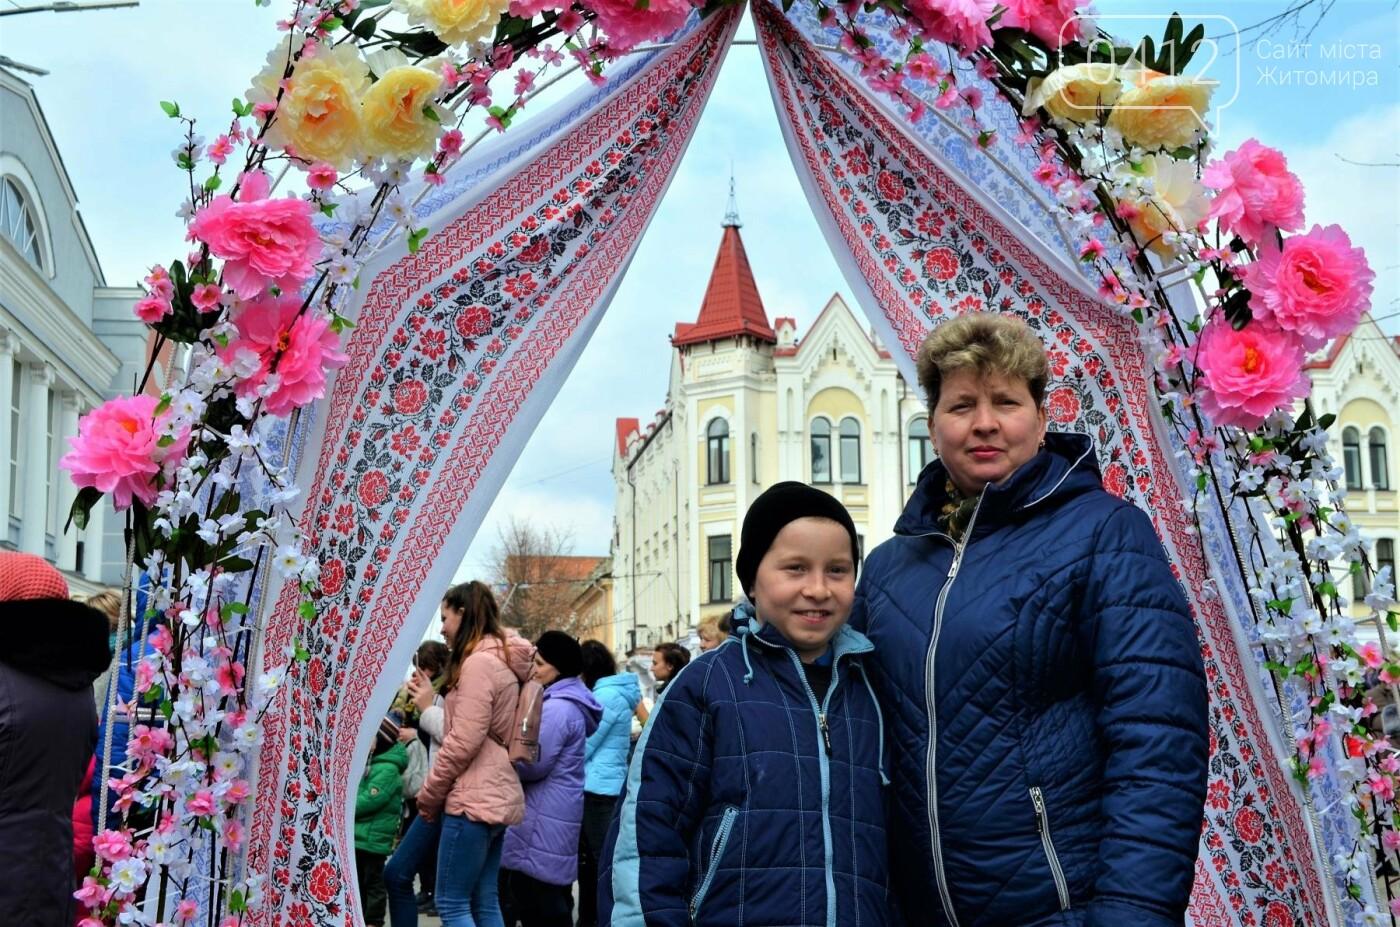 Ярмарок, фотолокації та розваги: у Житомирі розпочалися Великодні святкування, фото-11